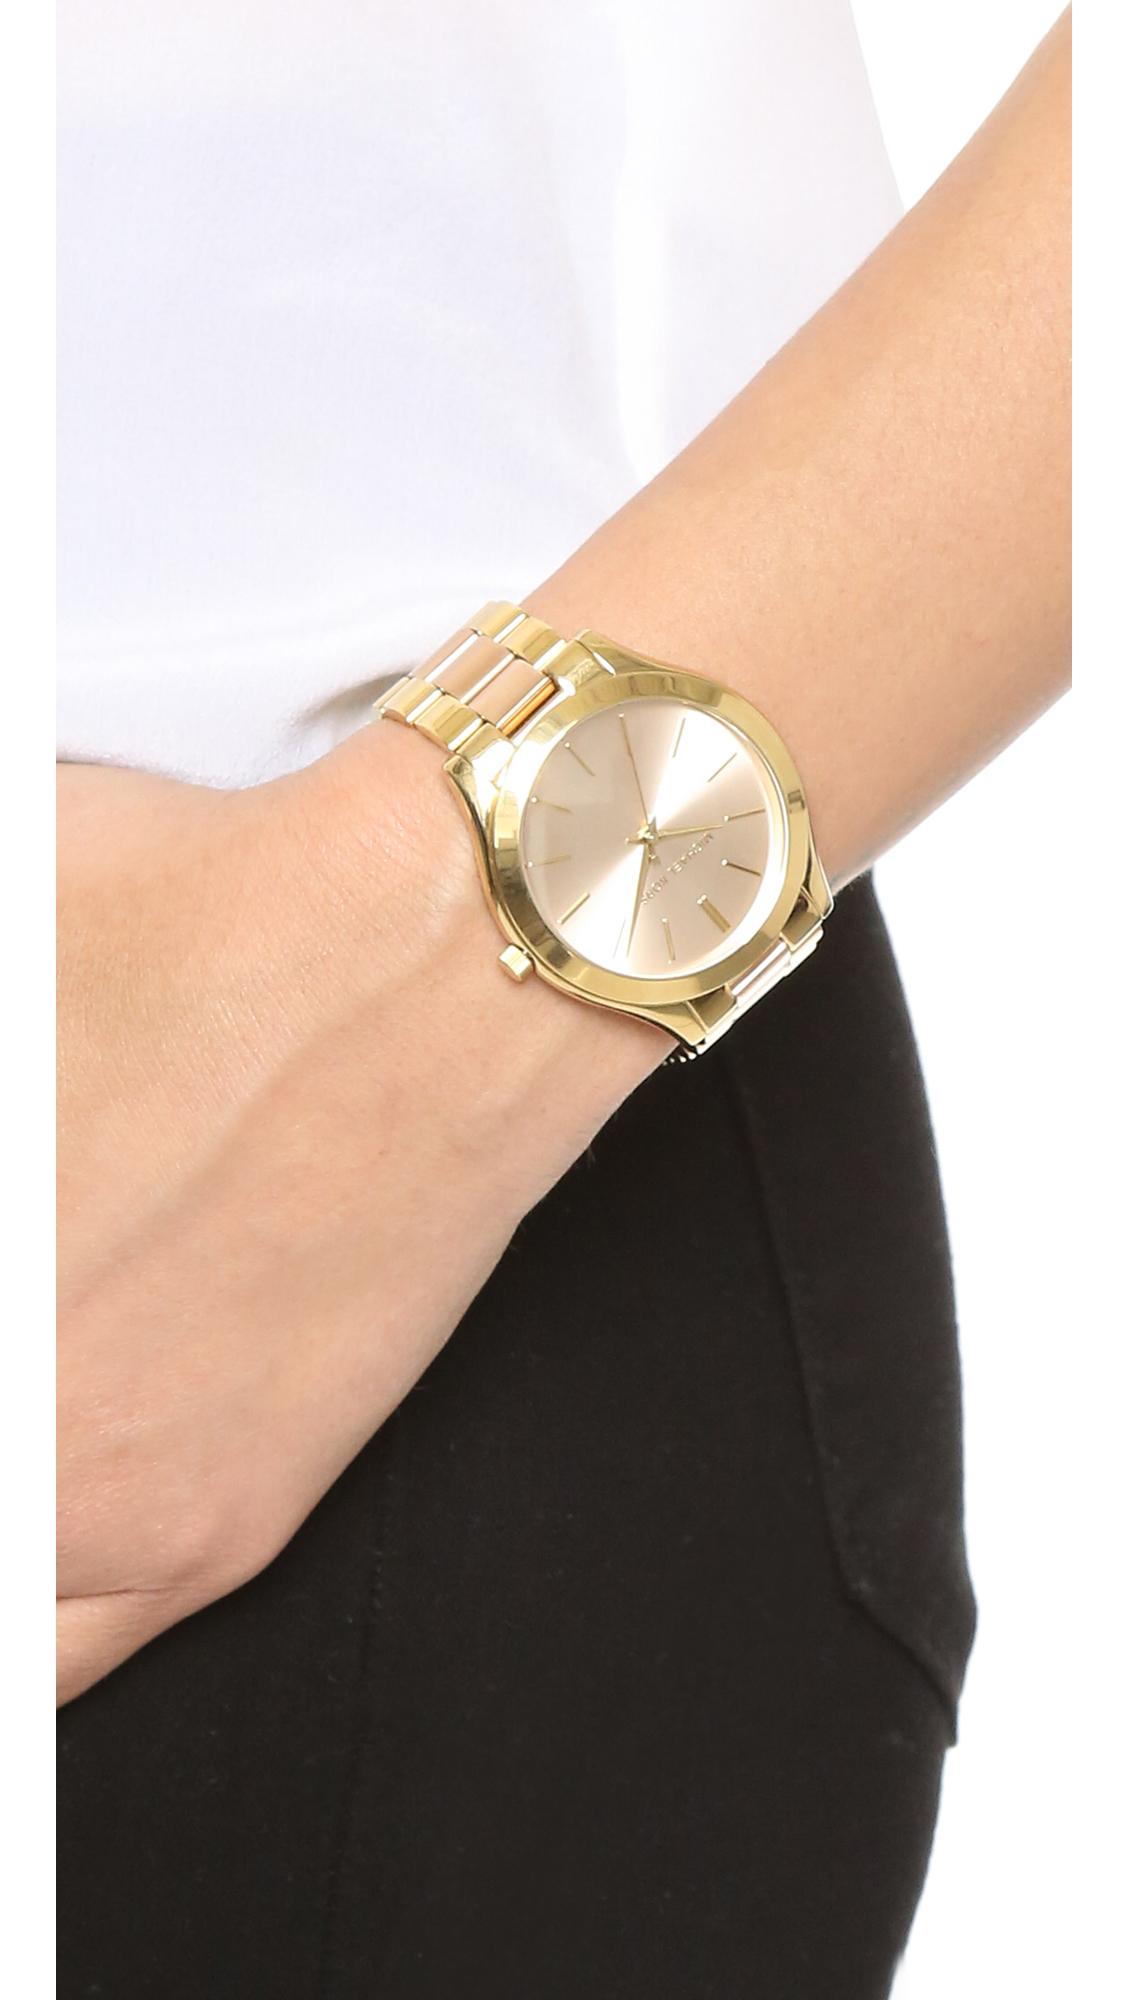 75bd58f88503 Michael Kors Slim Runway Watch in Metallic - Lyst